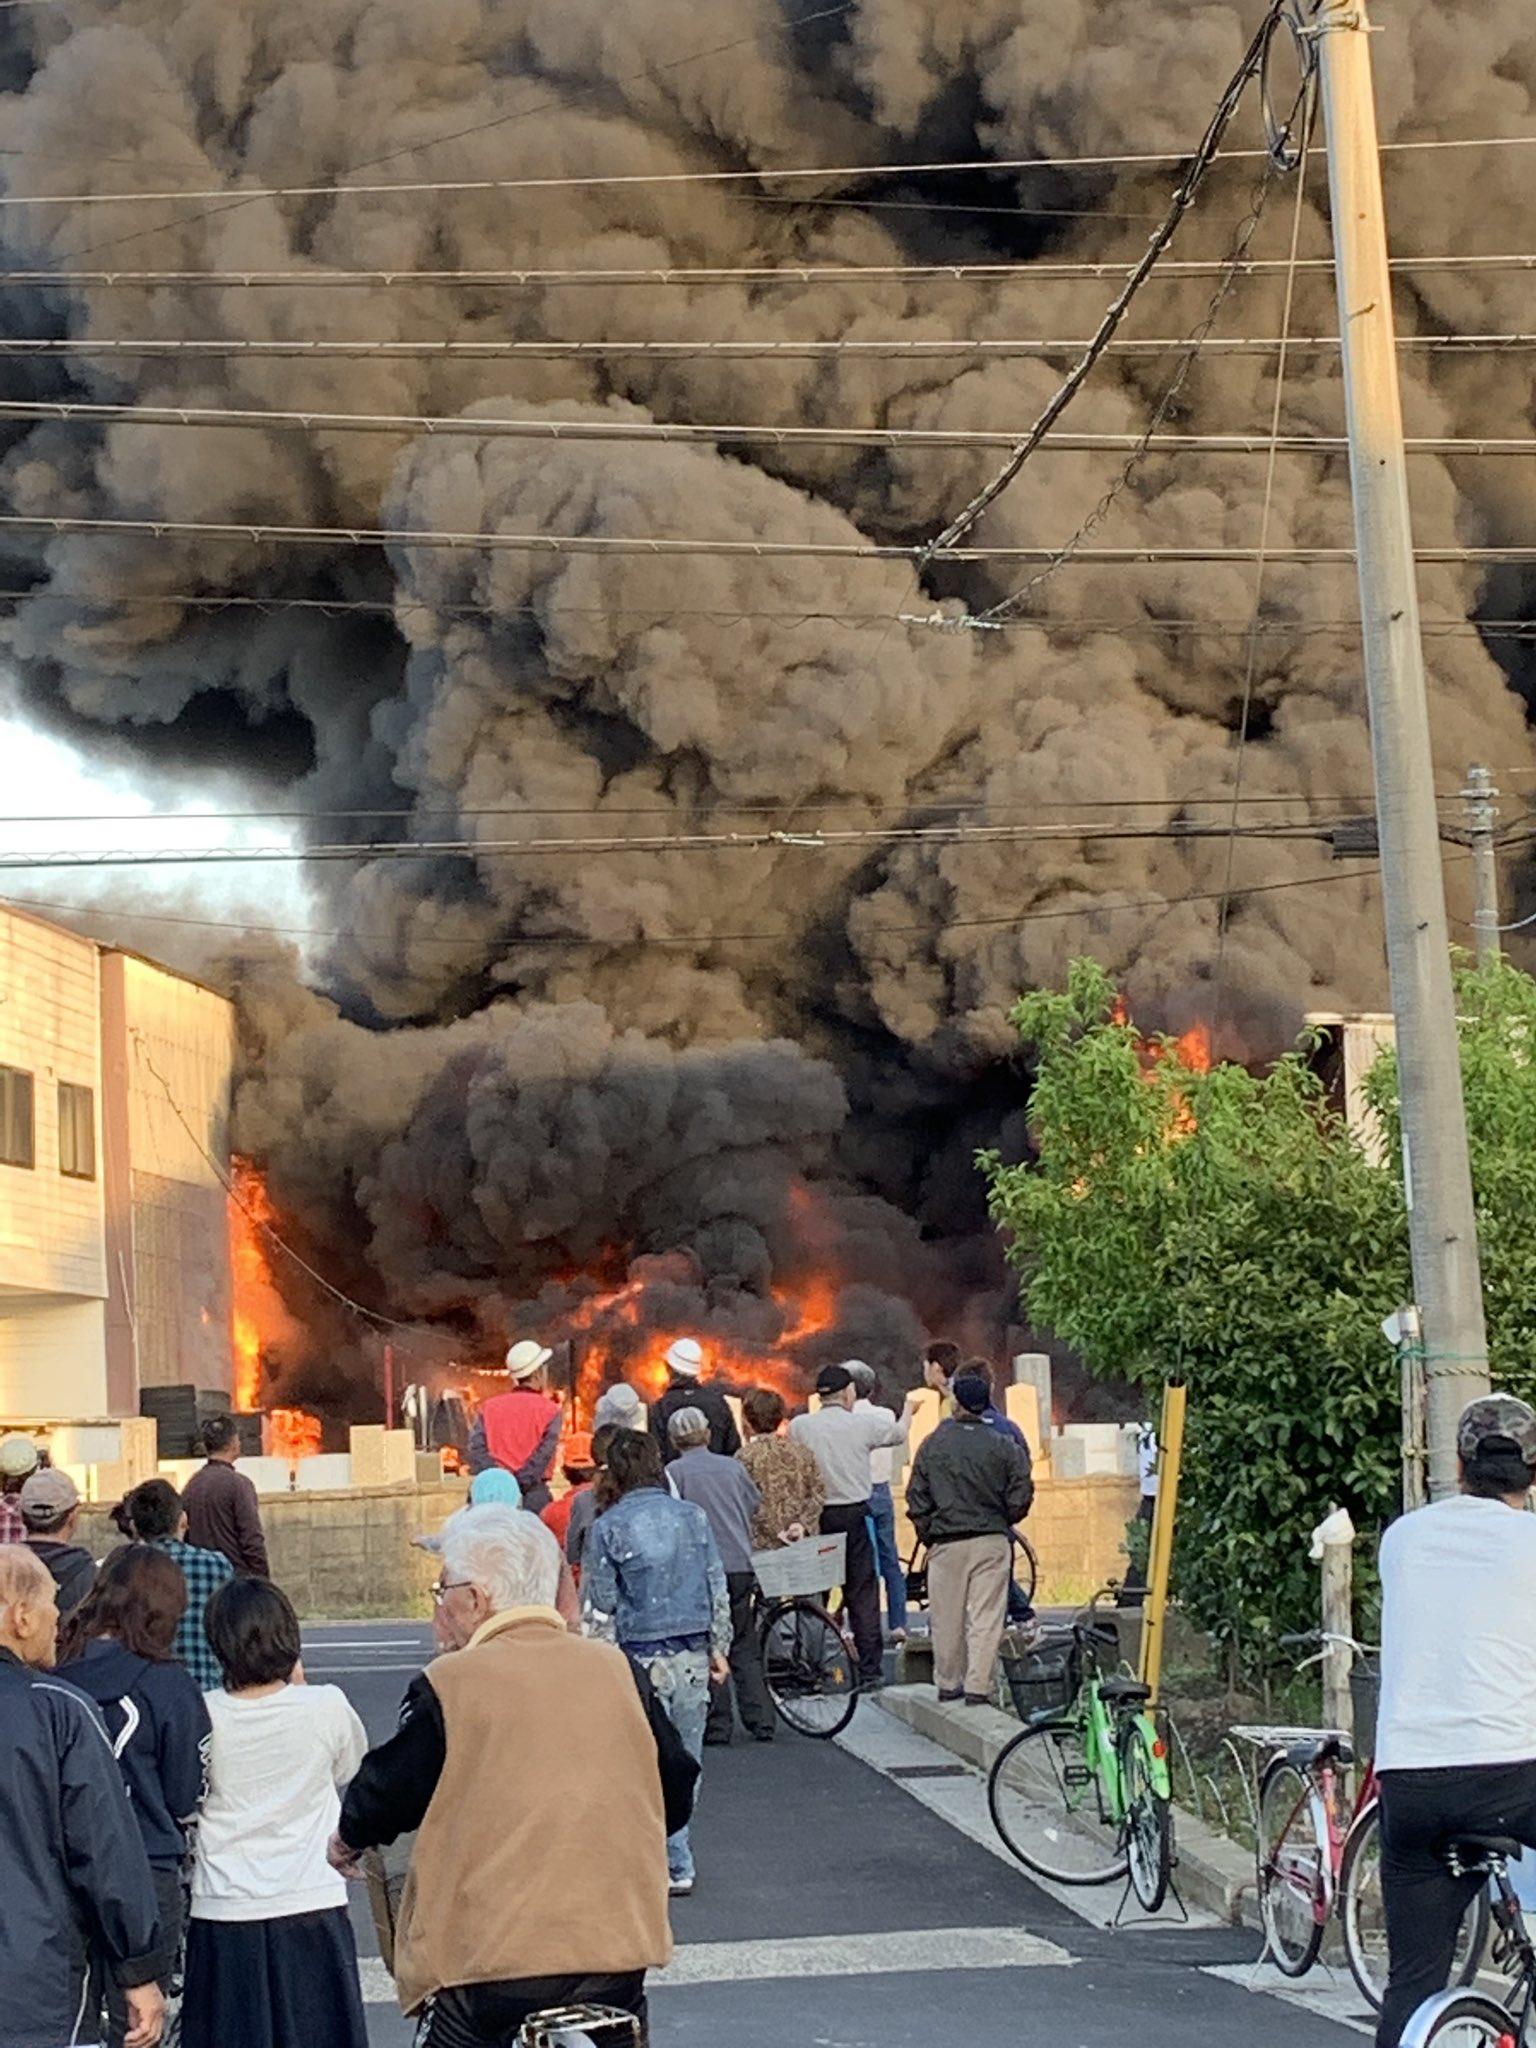 画像,令和そうそうの火事 https://t.co/2pfMBZQdUB。